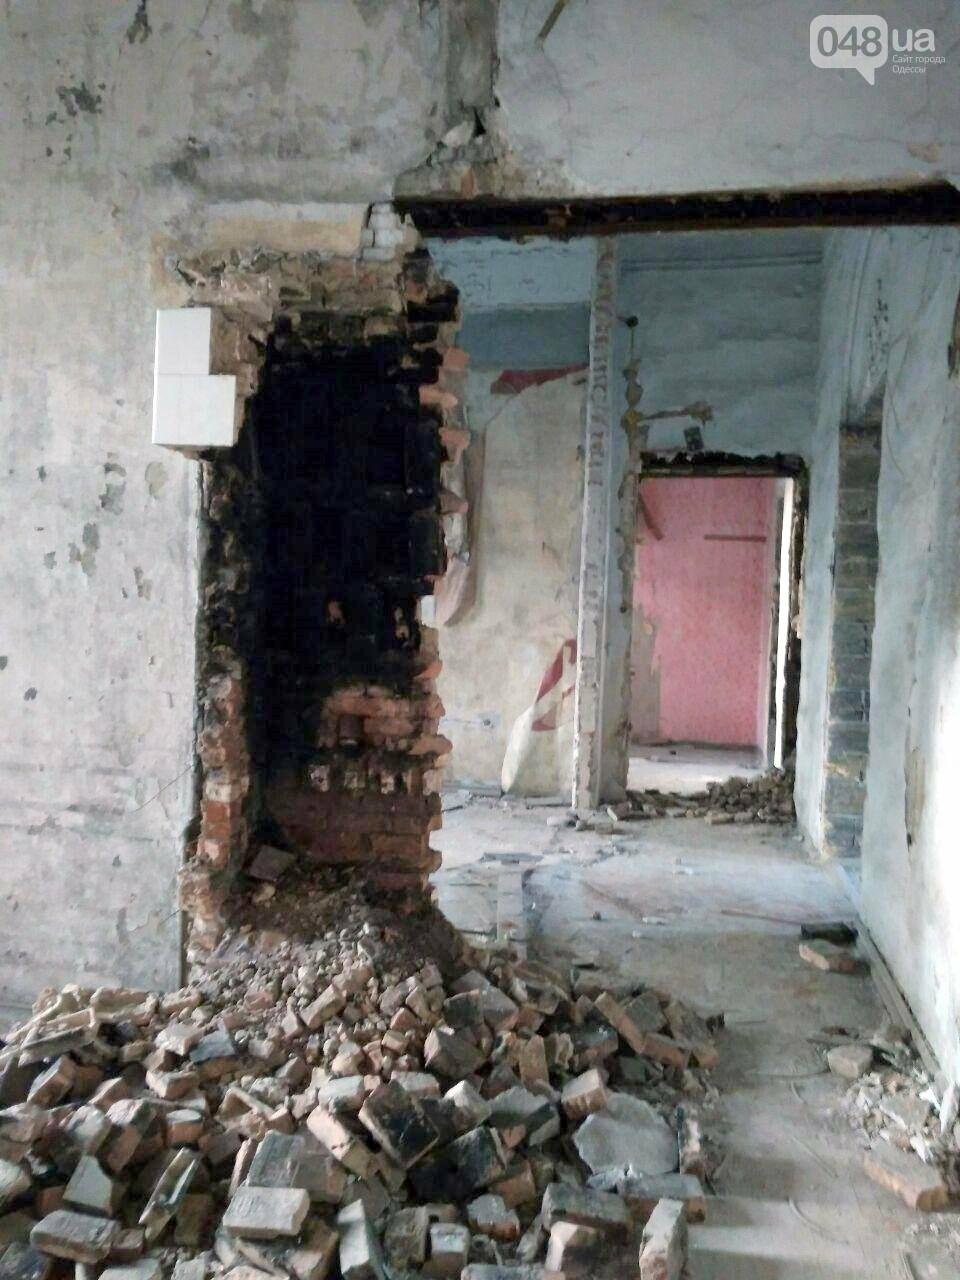 Поймать привидение или провалиться в подземелье: Одесский Дом Гоголя изнутри (ФОТО), фото-15